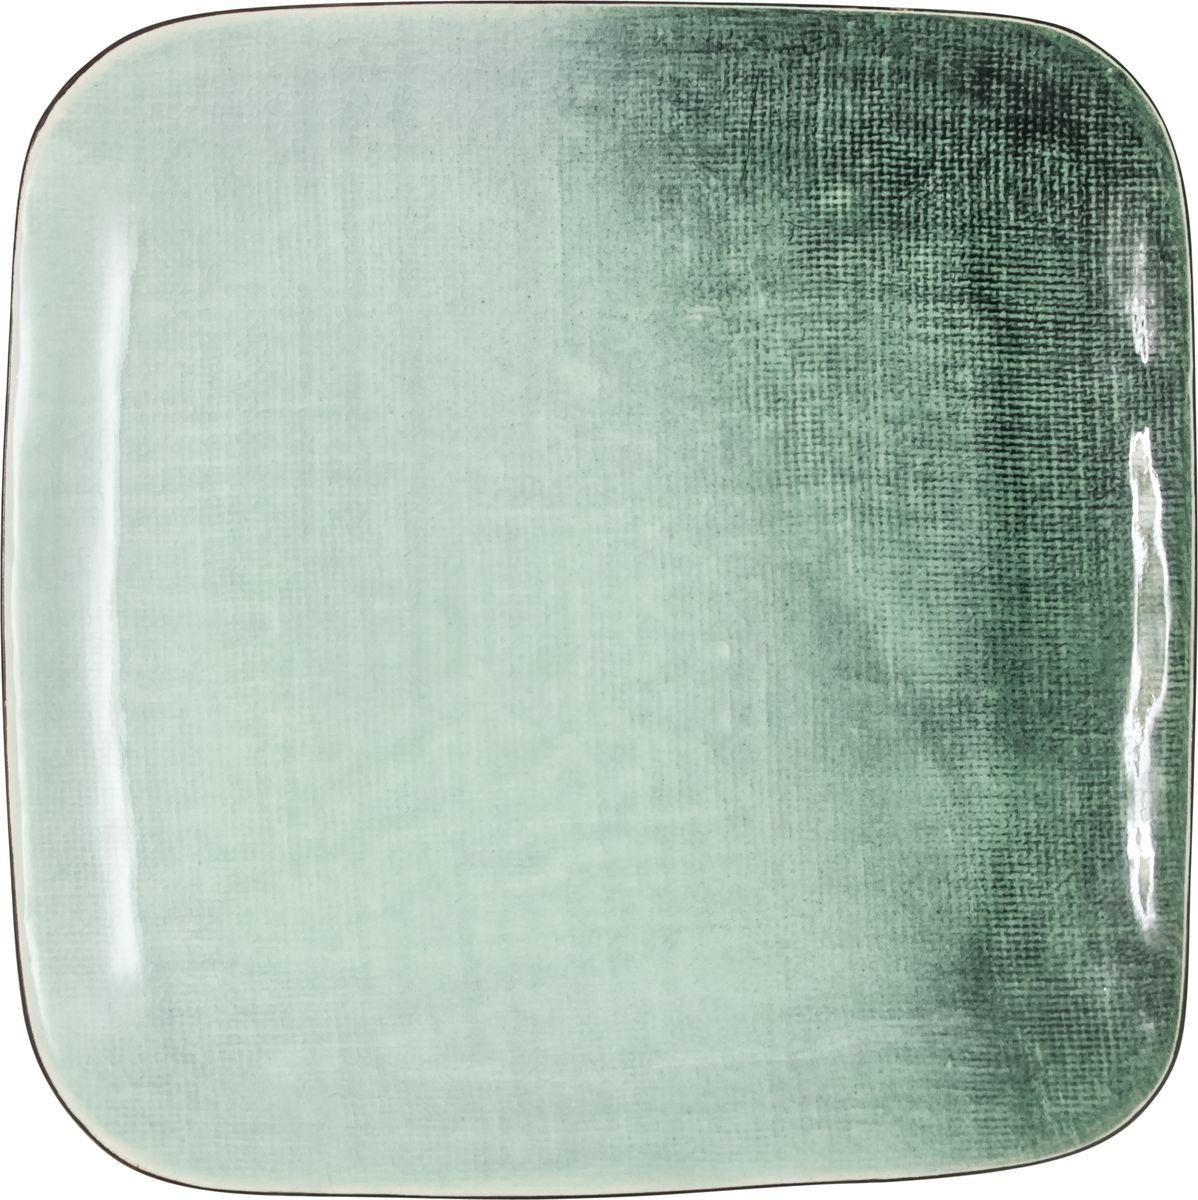 Тарелка Julia Vysotskaya Canvas, закусочная, квадратная, диаметр 21,5 см